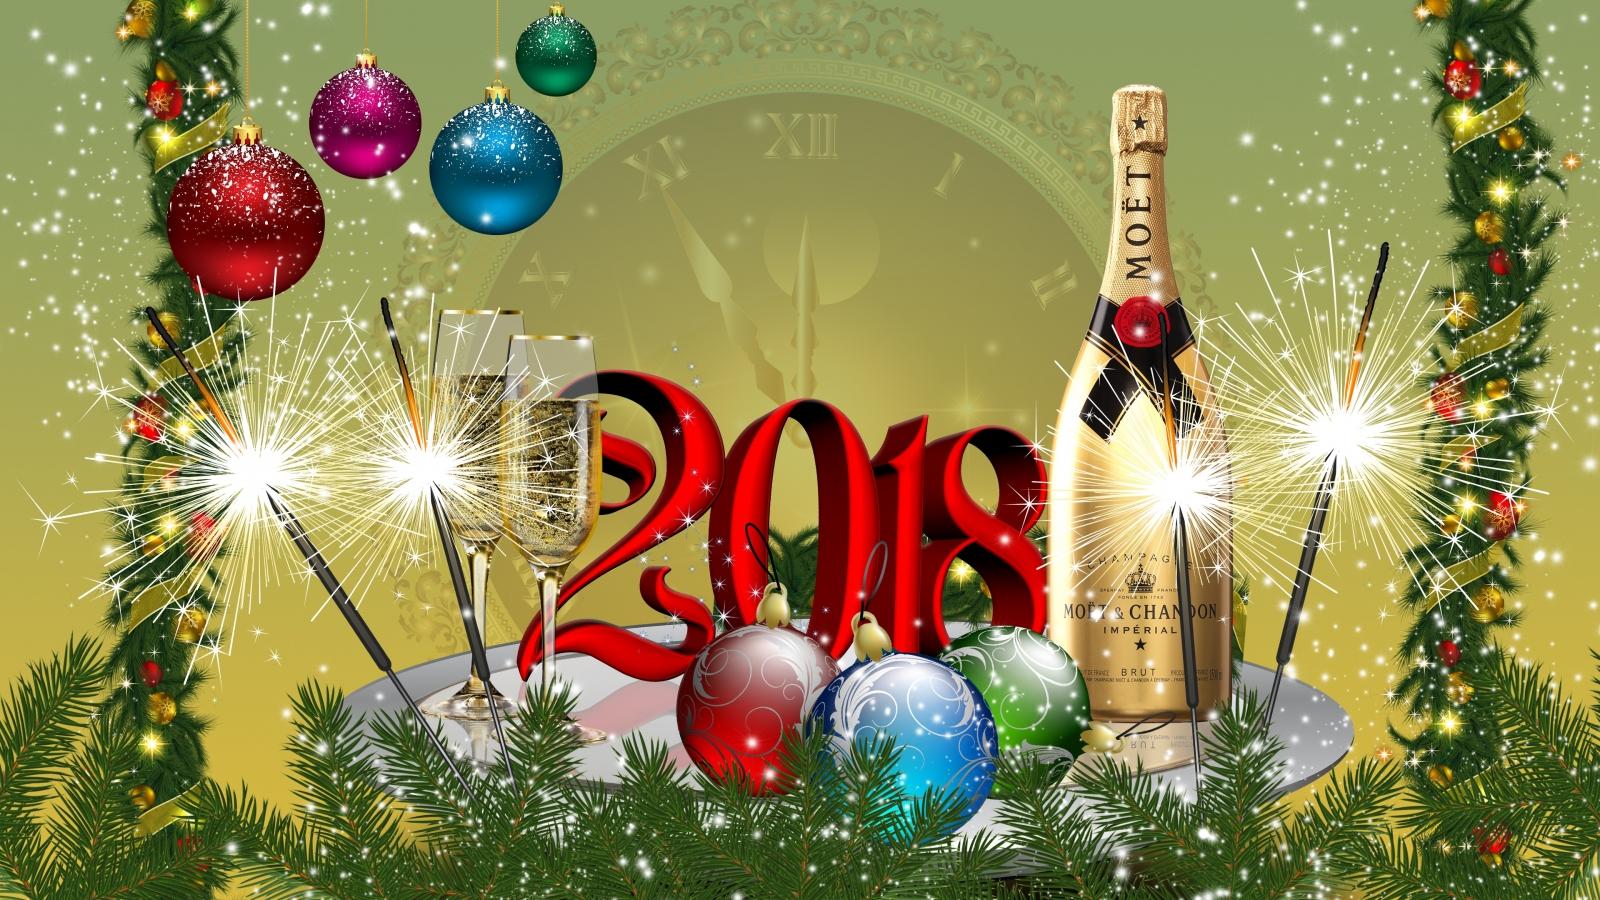 Открытки с новым годом фото 2018